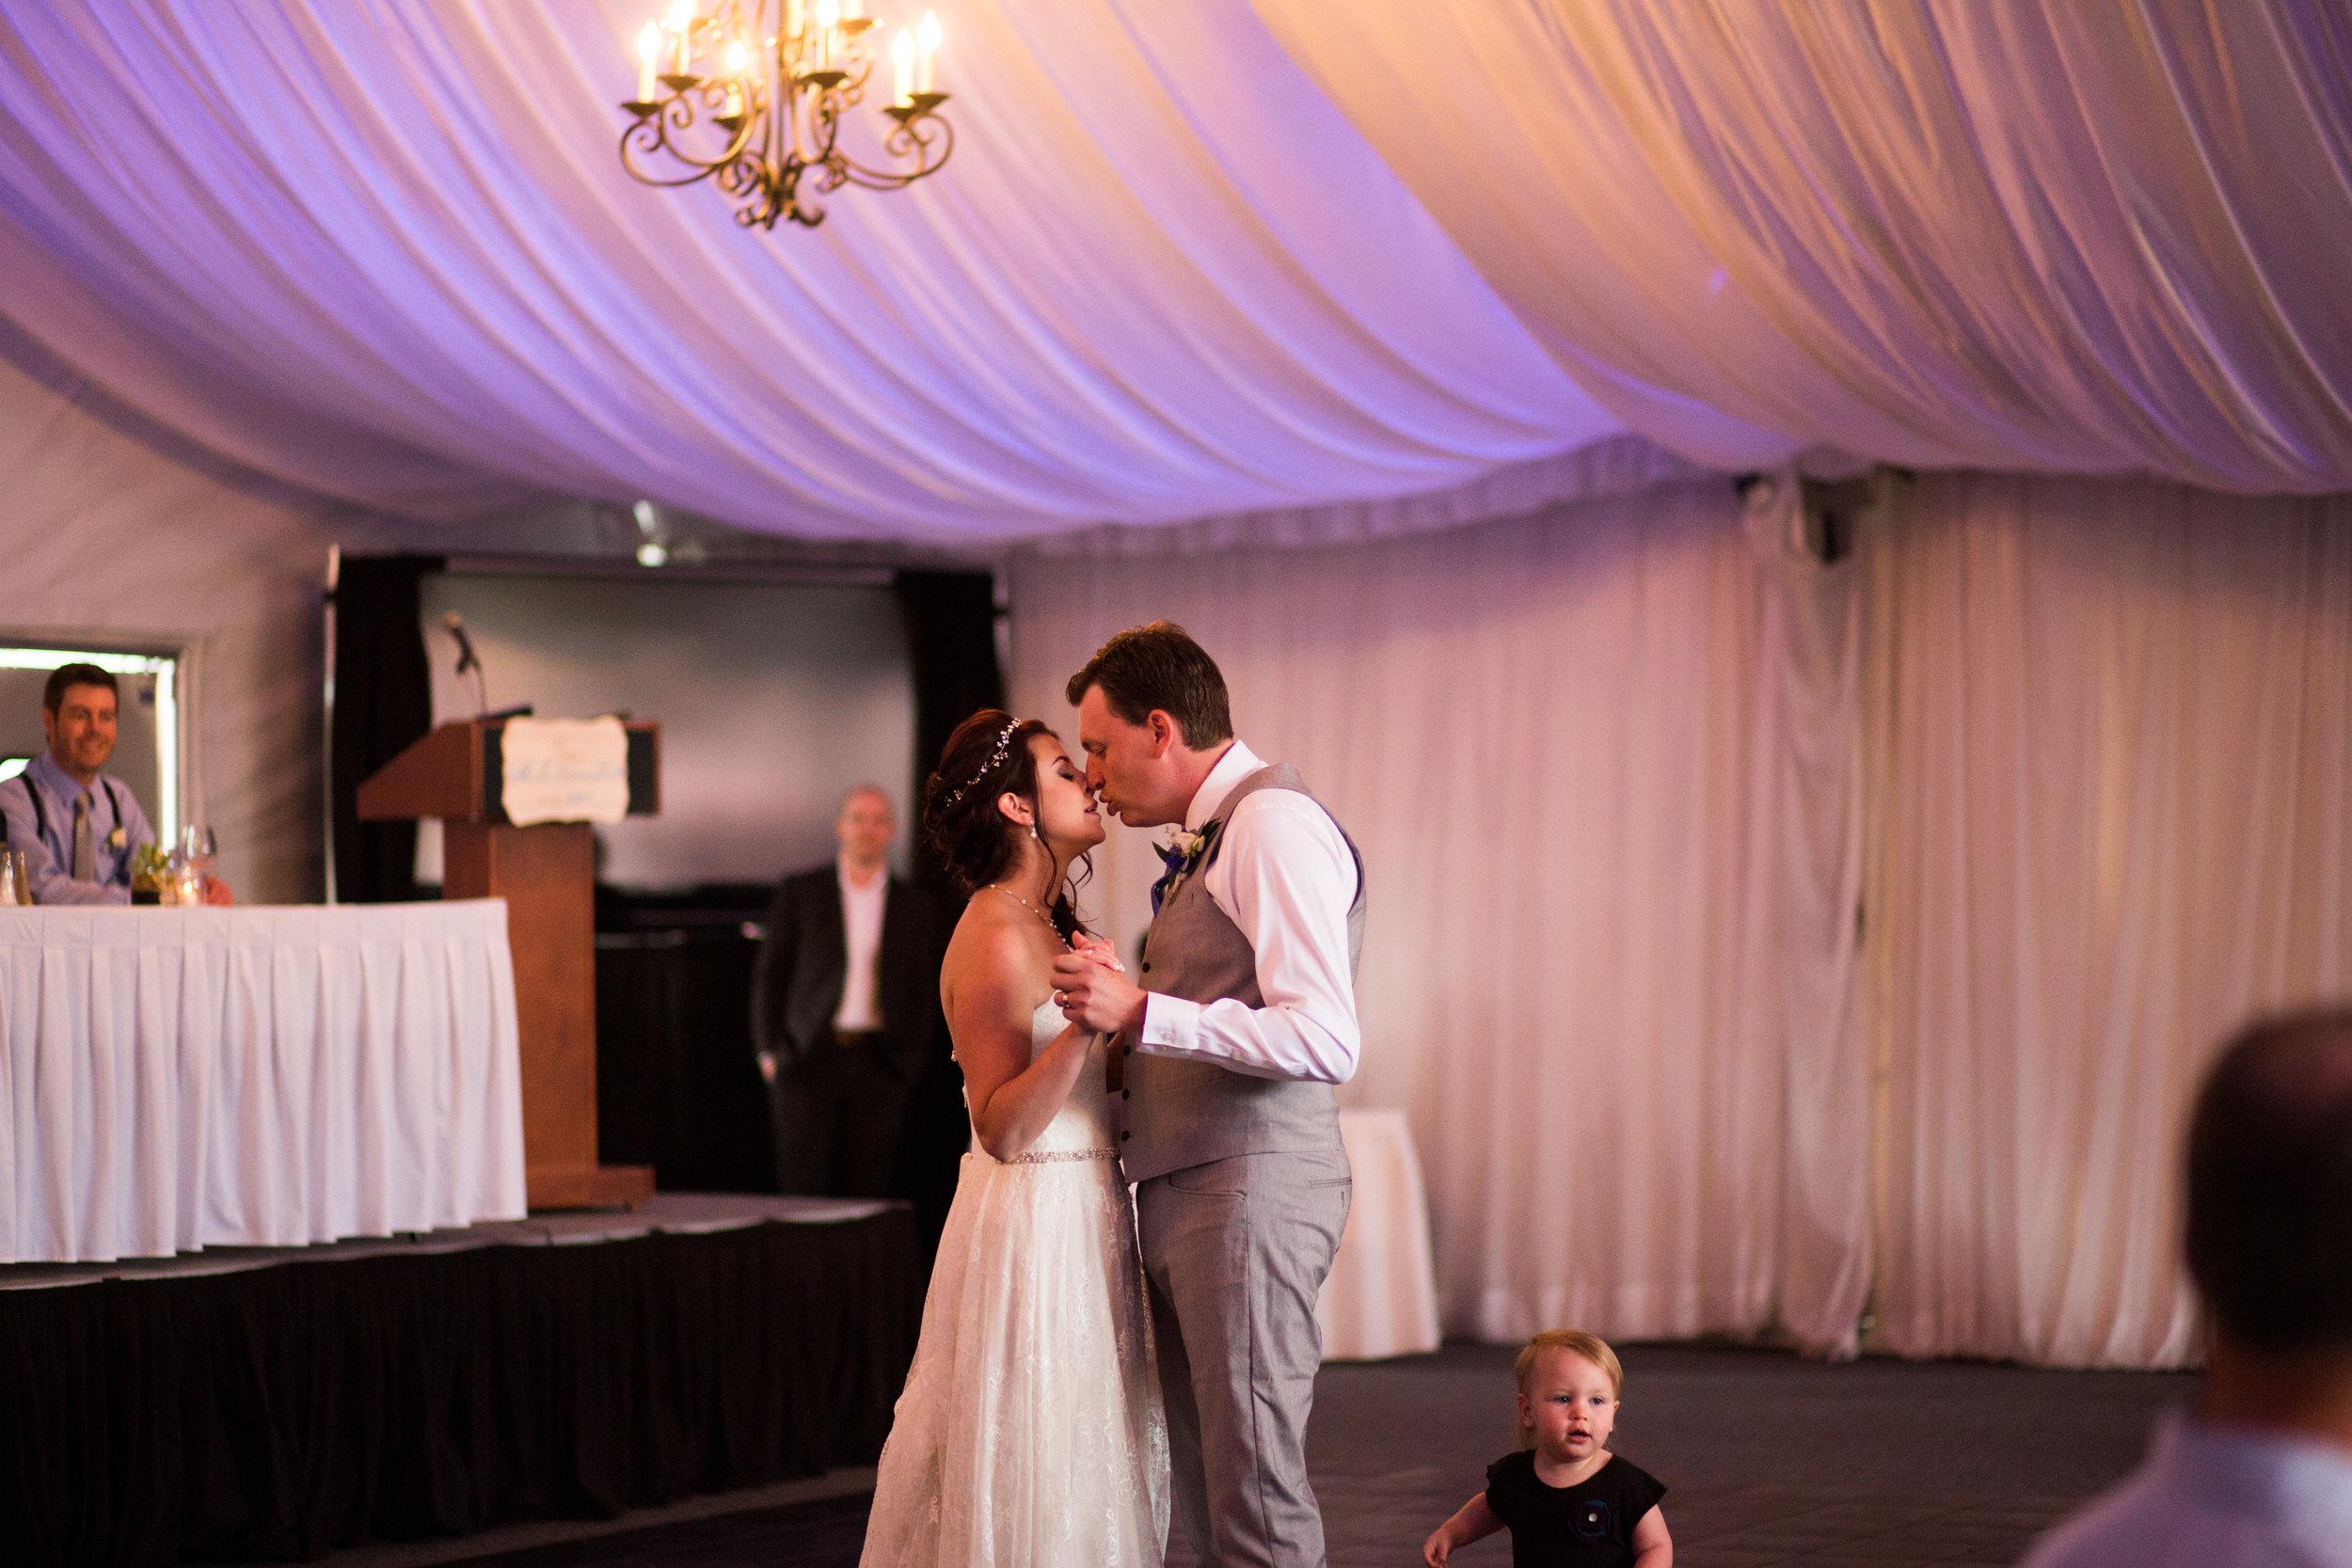 Jake and Rebecca 5 - First Dance-12.jpg